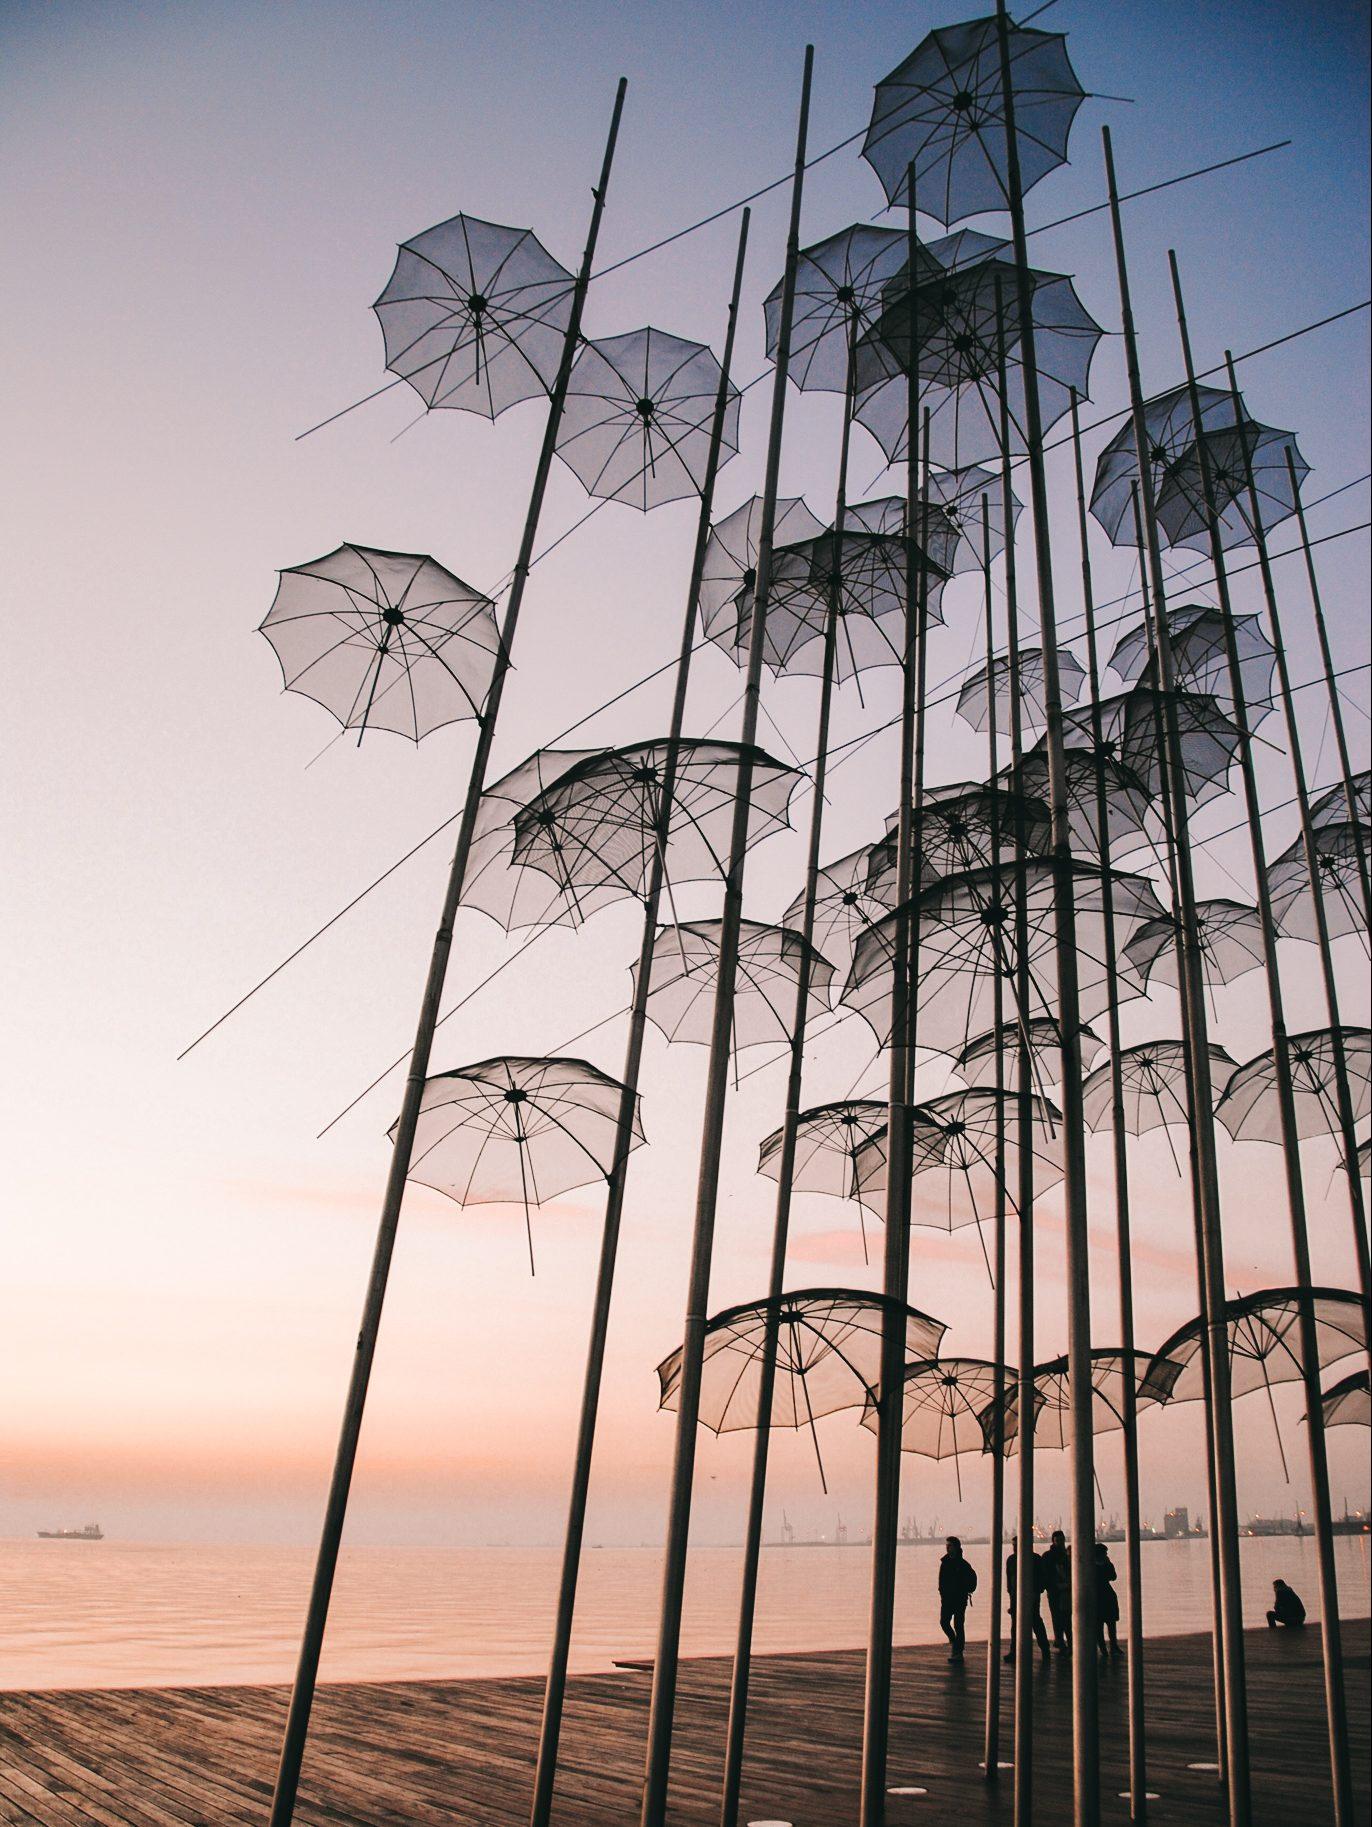 Famous Umbrellas of Thessaloniki